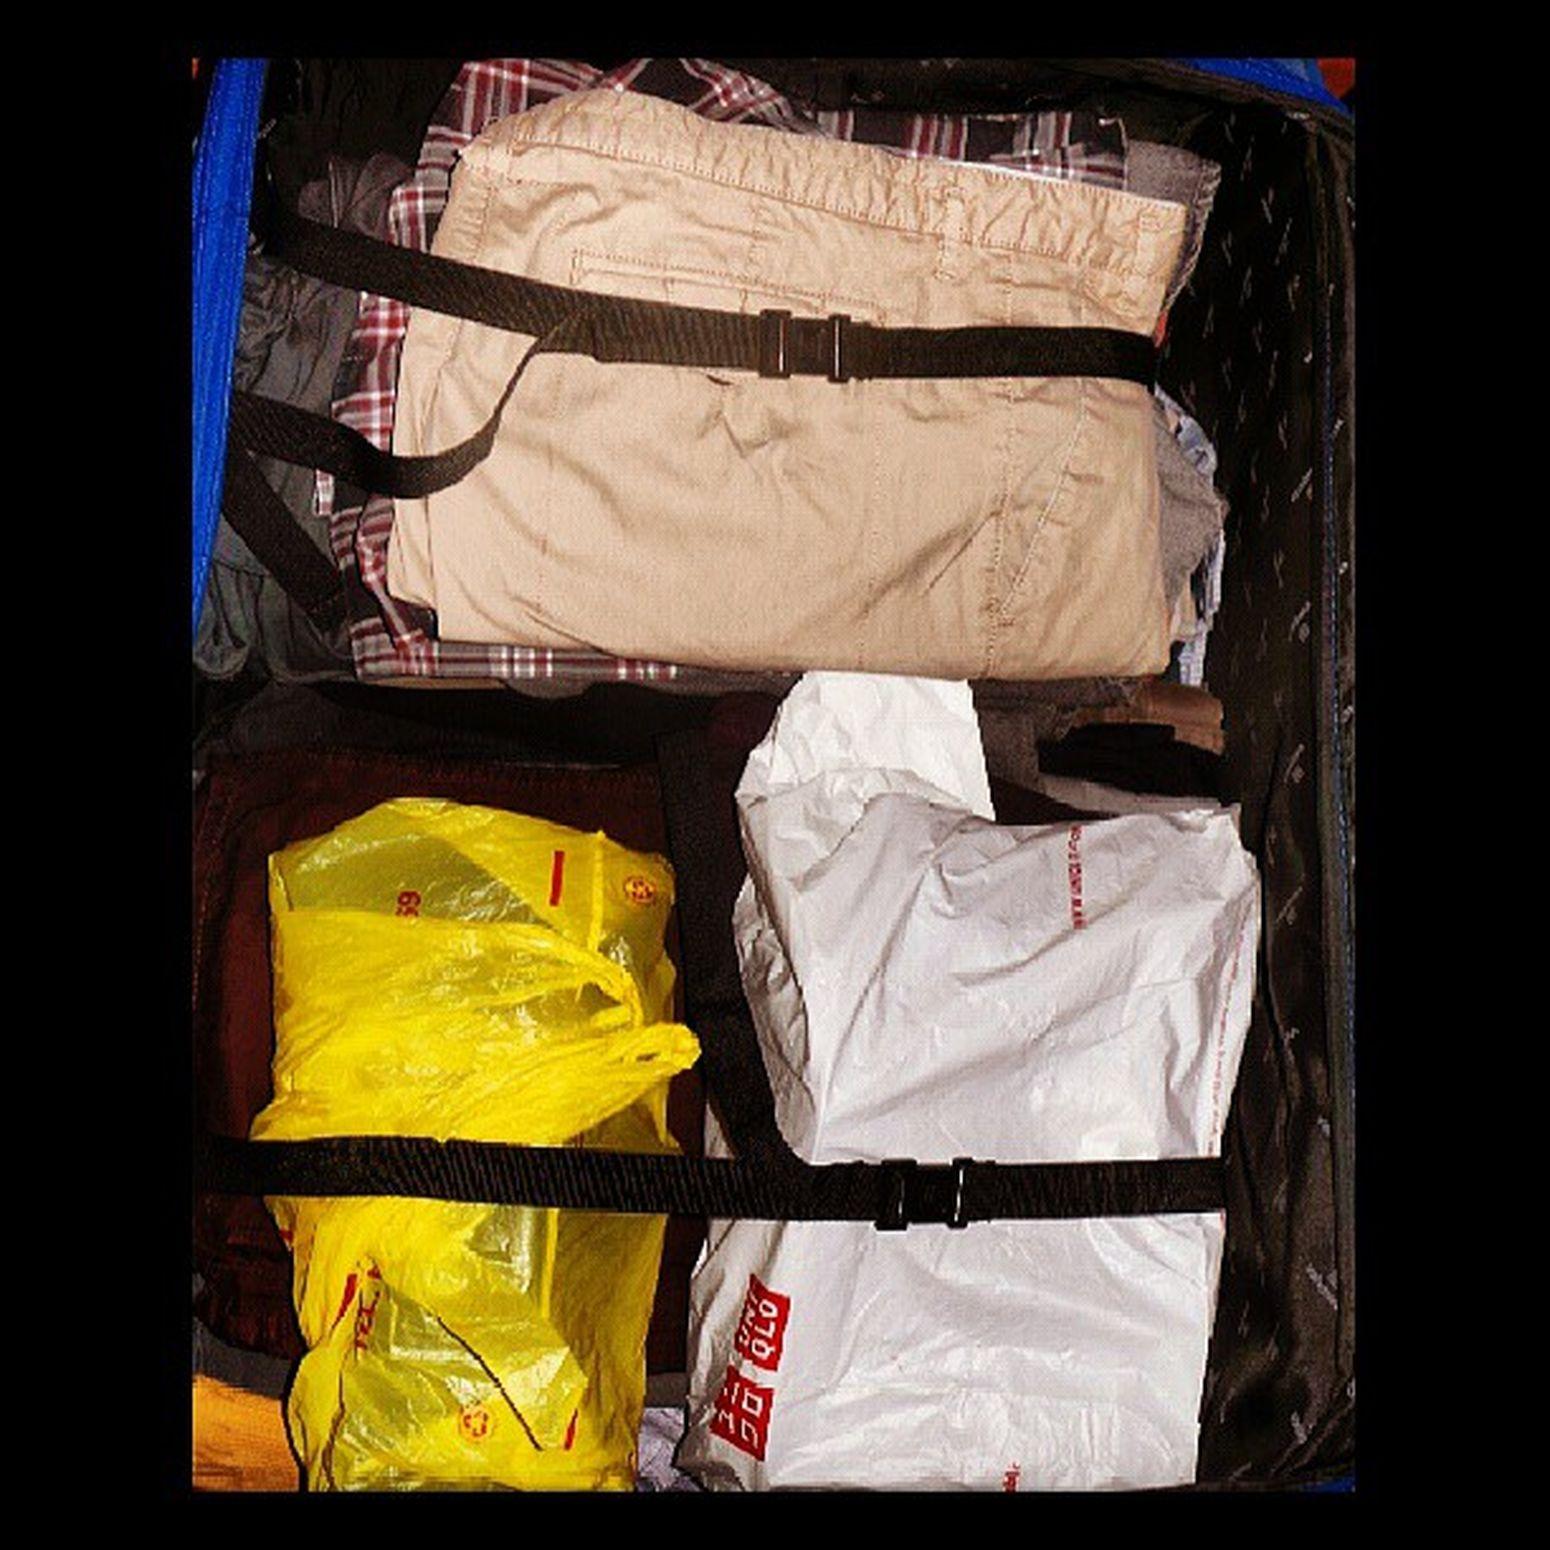 PACKED UnderPacked Readysetgo LondonYourPandaIsComingHome Clothes ByeByeManila BigAssSuitcase Igers IgersManila LasPinas BFRV Hashtag